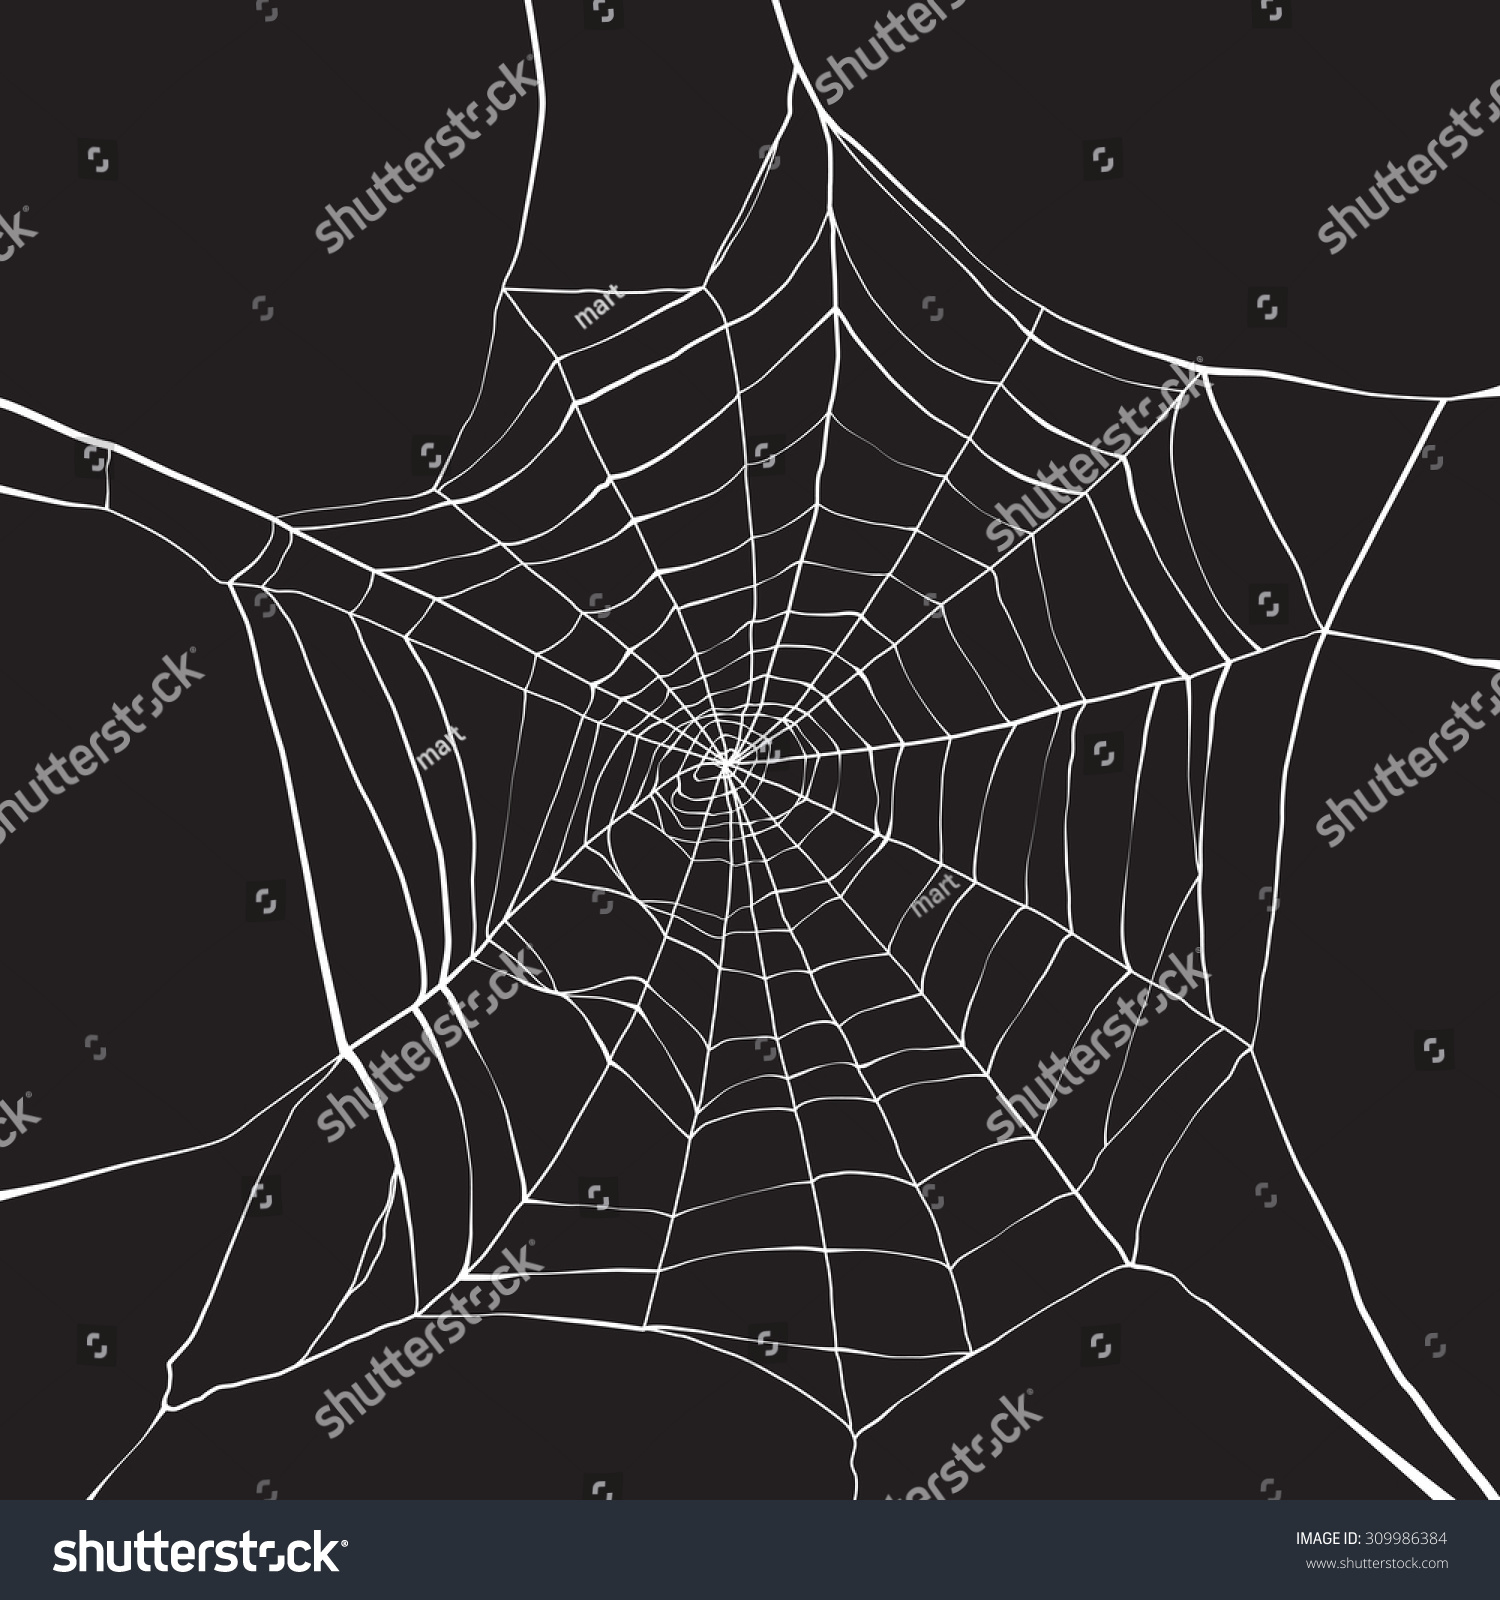 Spider web background corner